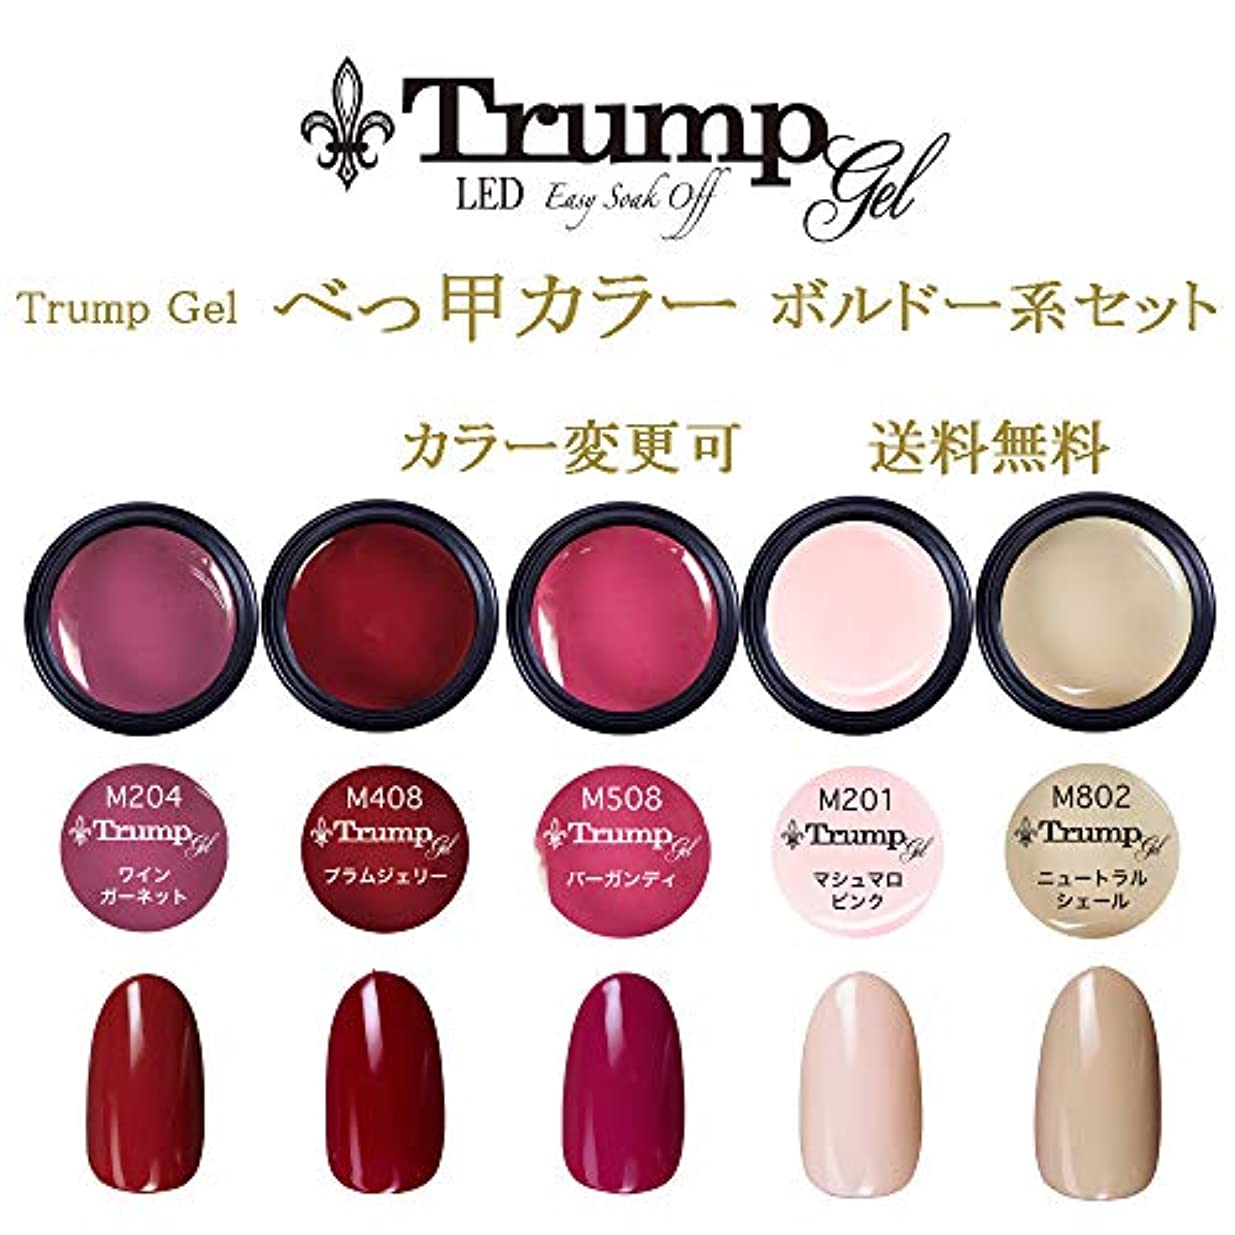 急いで球体装置【送料無料】日本製 Trump gel トランプジェル べっ甲カラー ボルドー系 選べる カラージェル 5個セット べっ甲ネイル ボルドー ブラウン ホワイト ラメ カラー